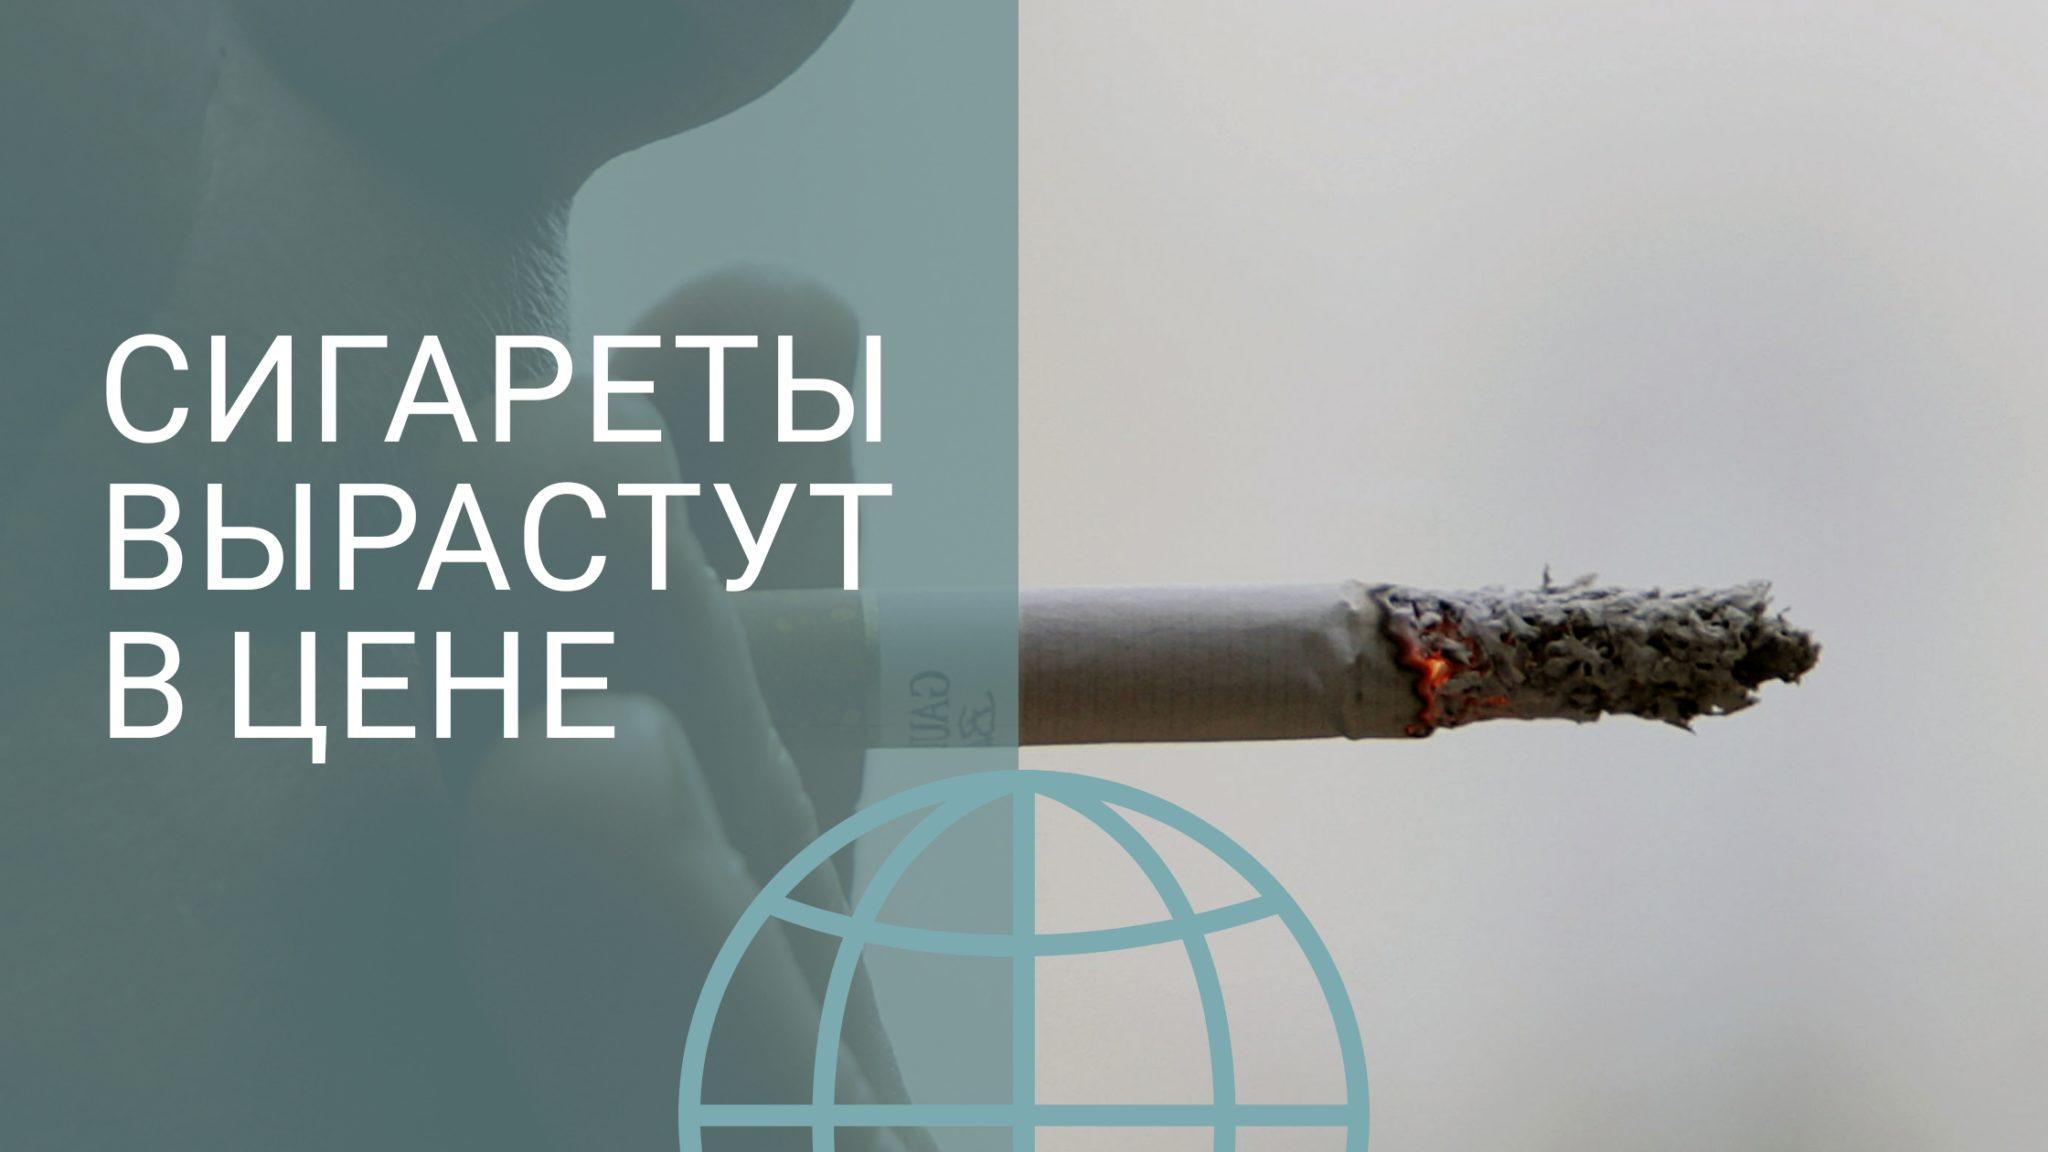 Сигареты вырастут в цене